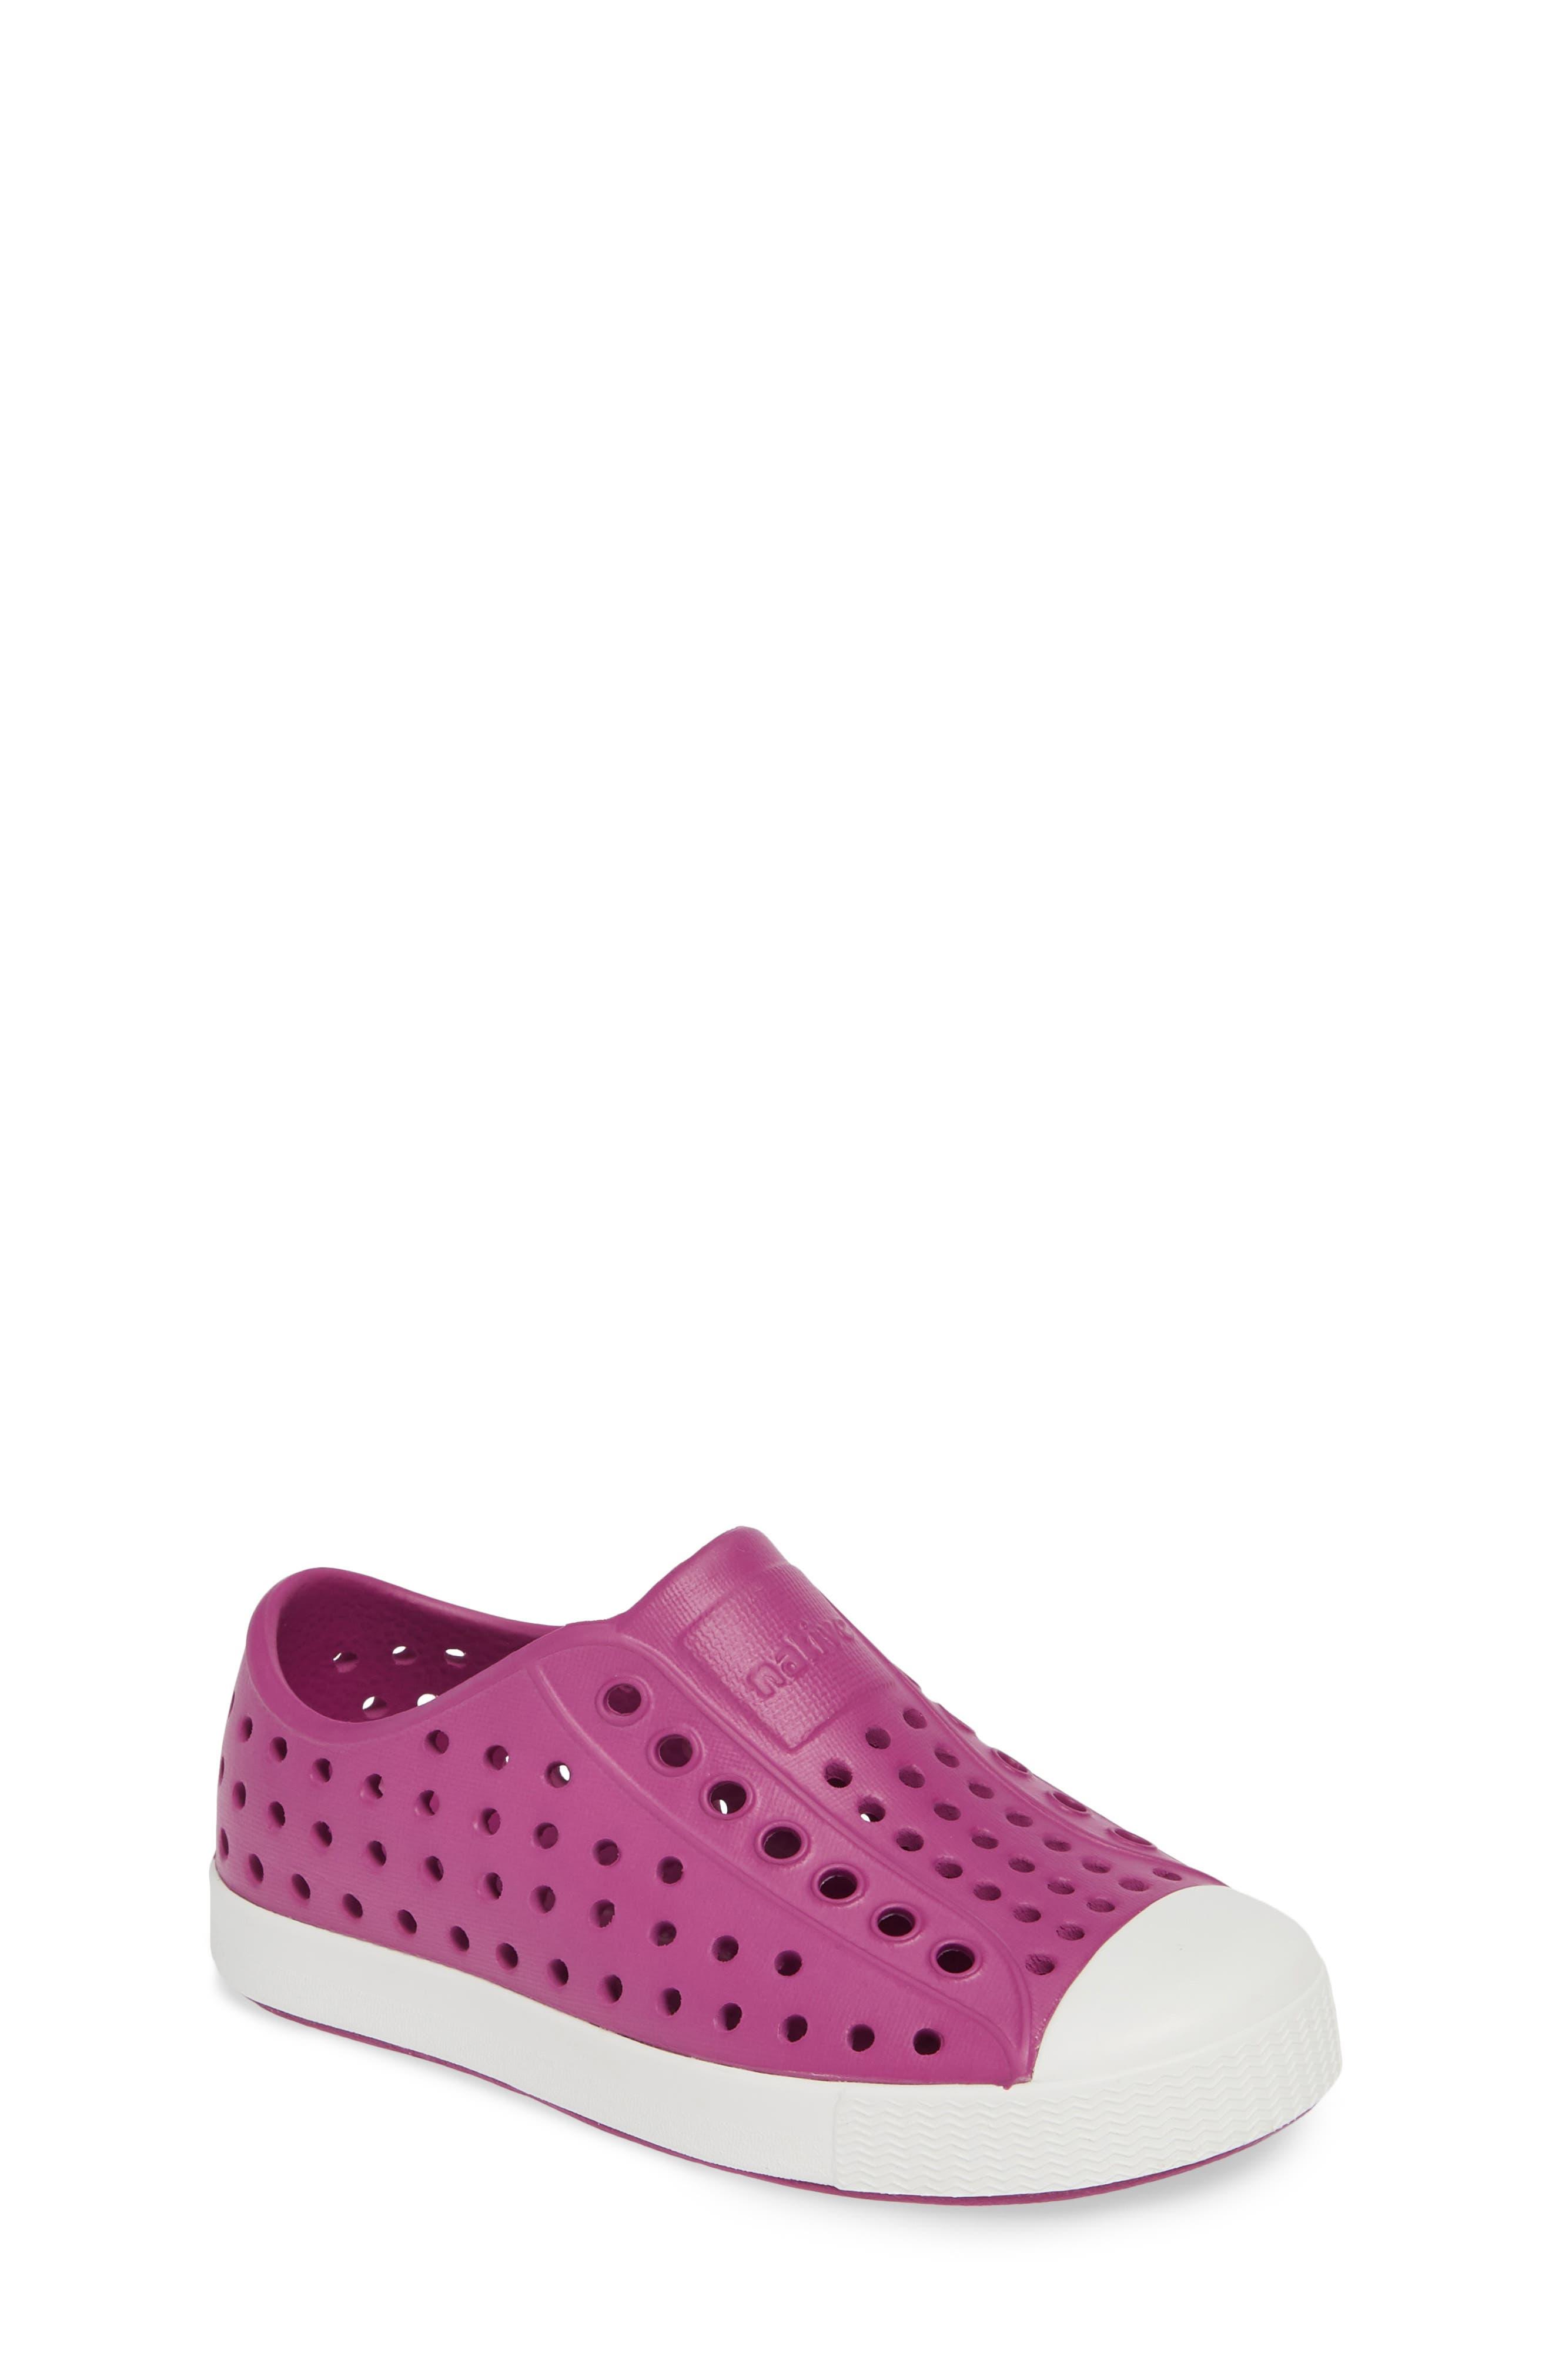 Toddler Native Shoes Jefferson Water Friendly SlipOn Vegan Sneaker Size 8 M  Purple